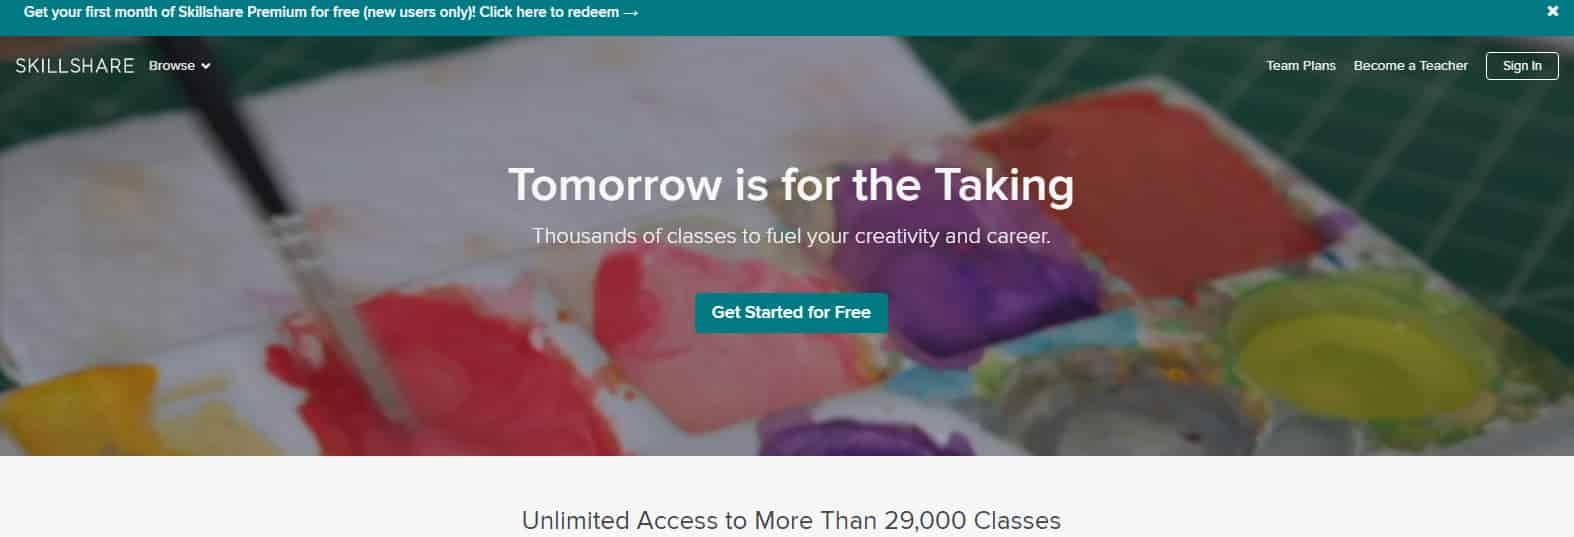 منصة skillshare ل التعليم عن بعد